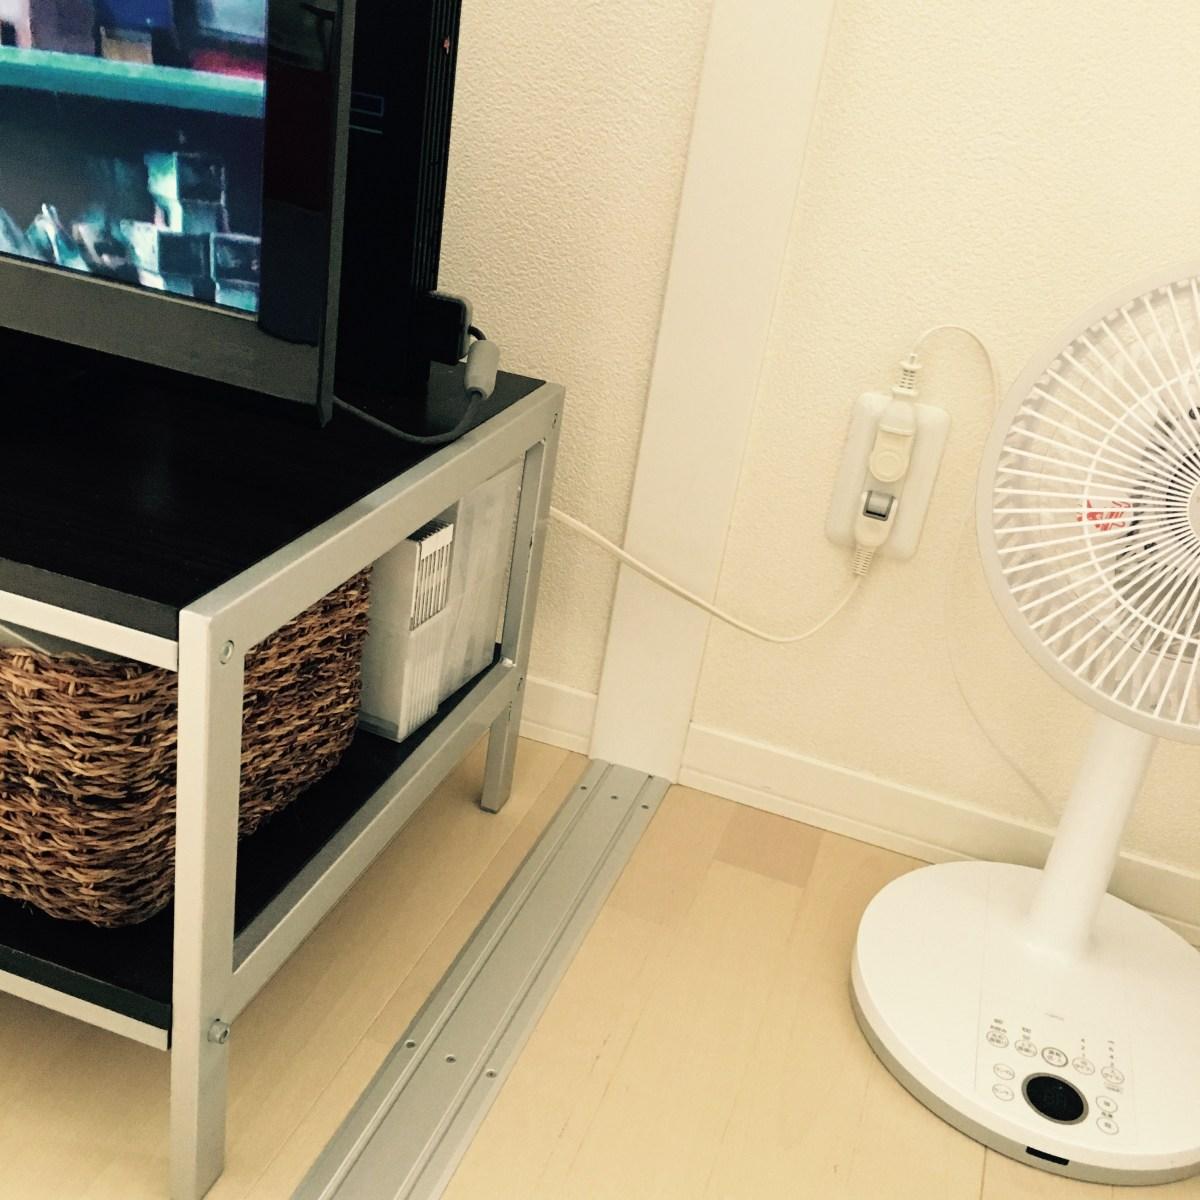 セリア  タップボックスでテレビ台の後ろのコードを収納